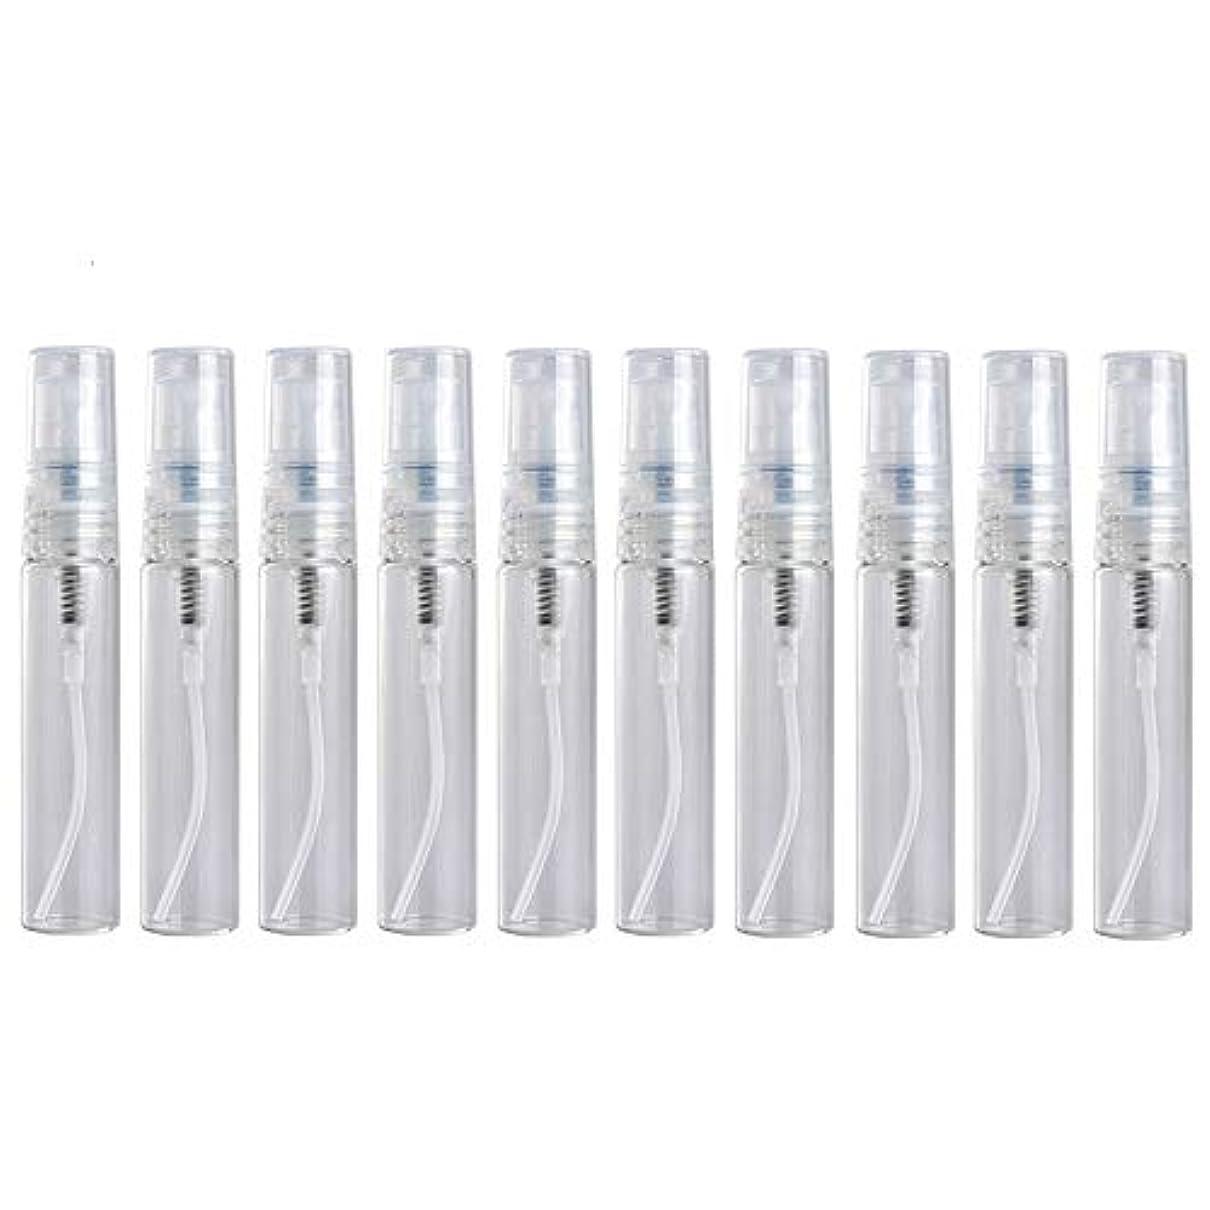 マリン型同僚10個入り2ml/3ml/5ml 空プラスチック透明ミニスプレー香水詰め替えボトル小サンプル香水アトマイザー (5ml)